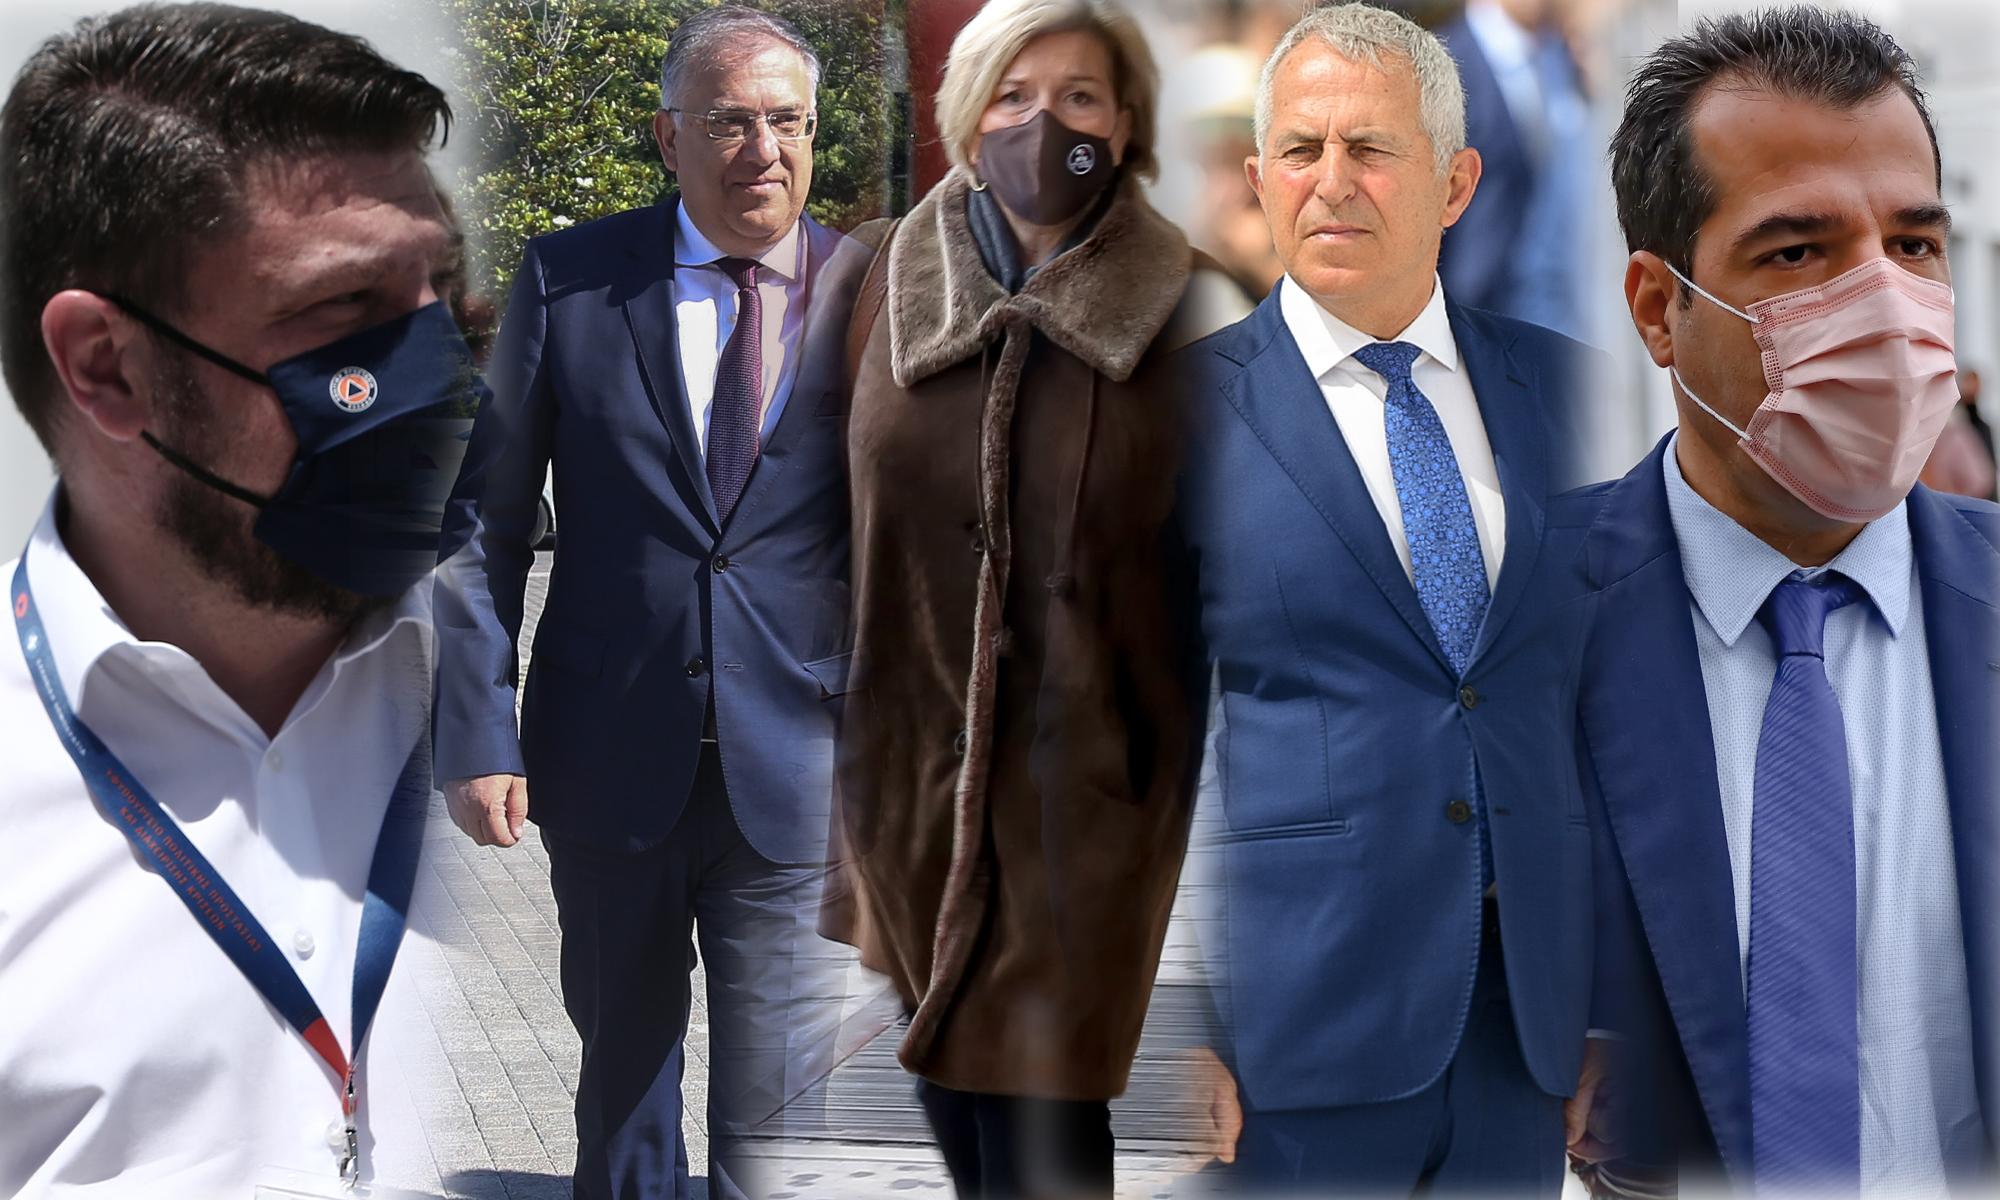 Ανασχηματισμός: Αυτή είναι η νέα σύνθεση της νέας κυβέρνησης – Όλα τα ονόματα